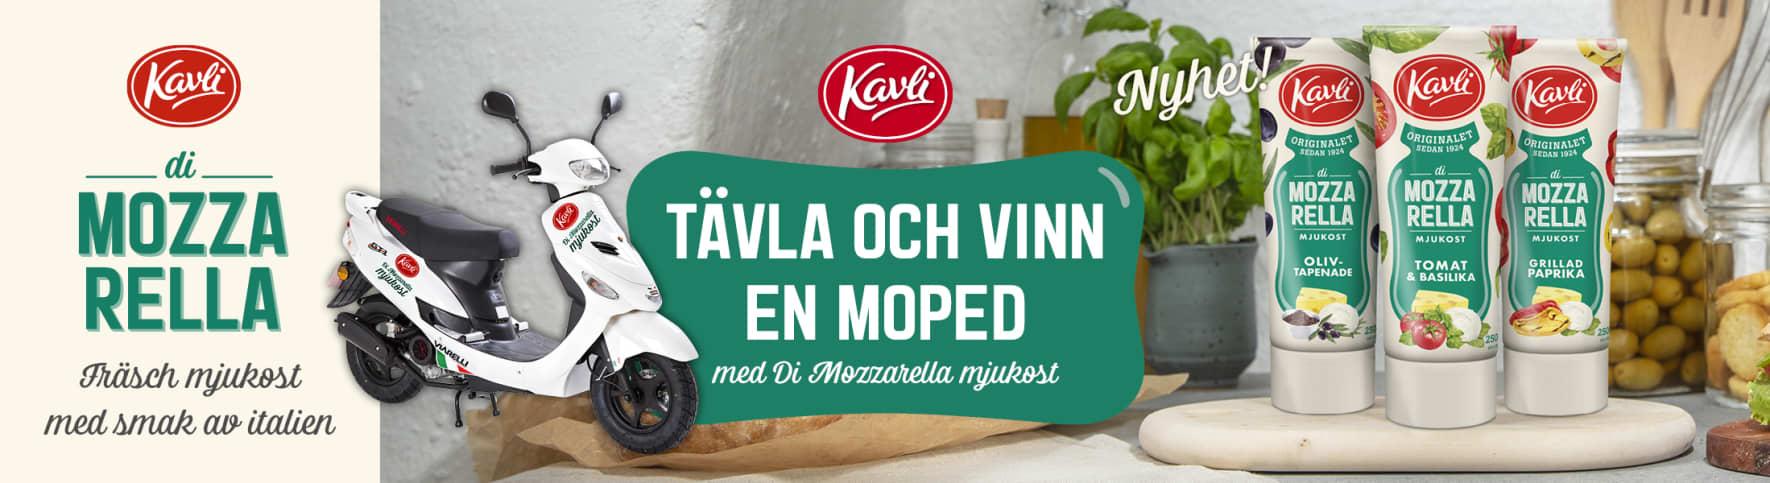 Tävla och vinn en moped med Kavli Di Mozzarella